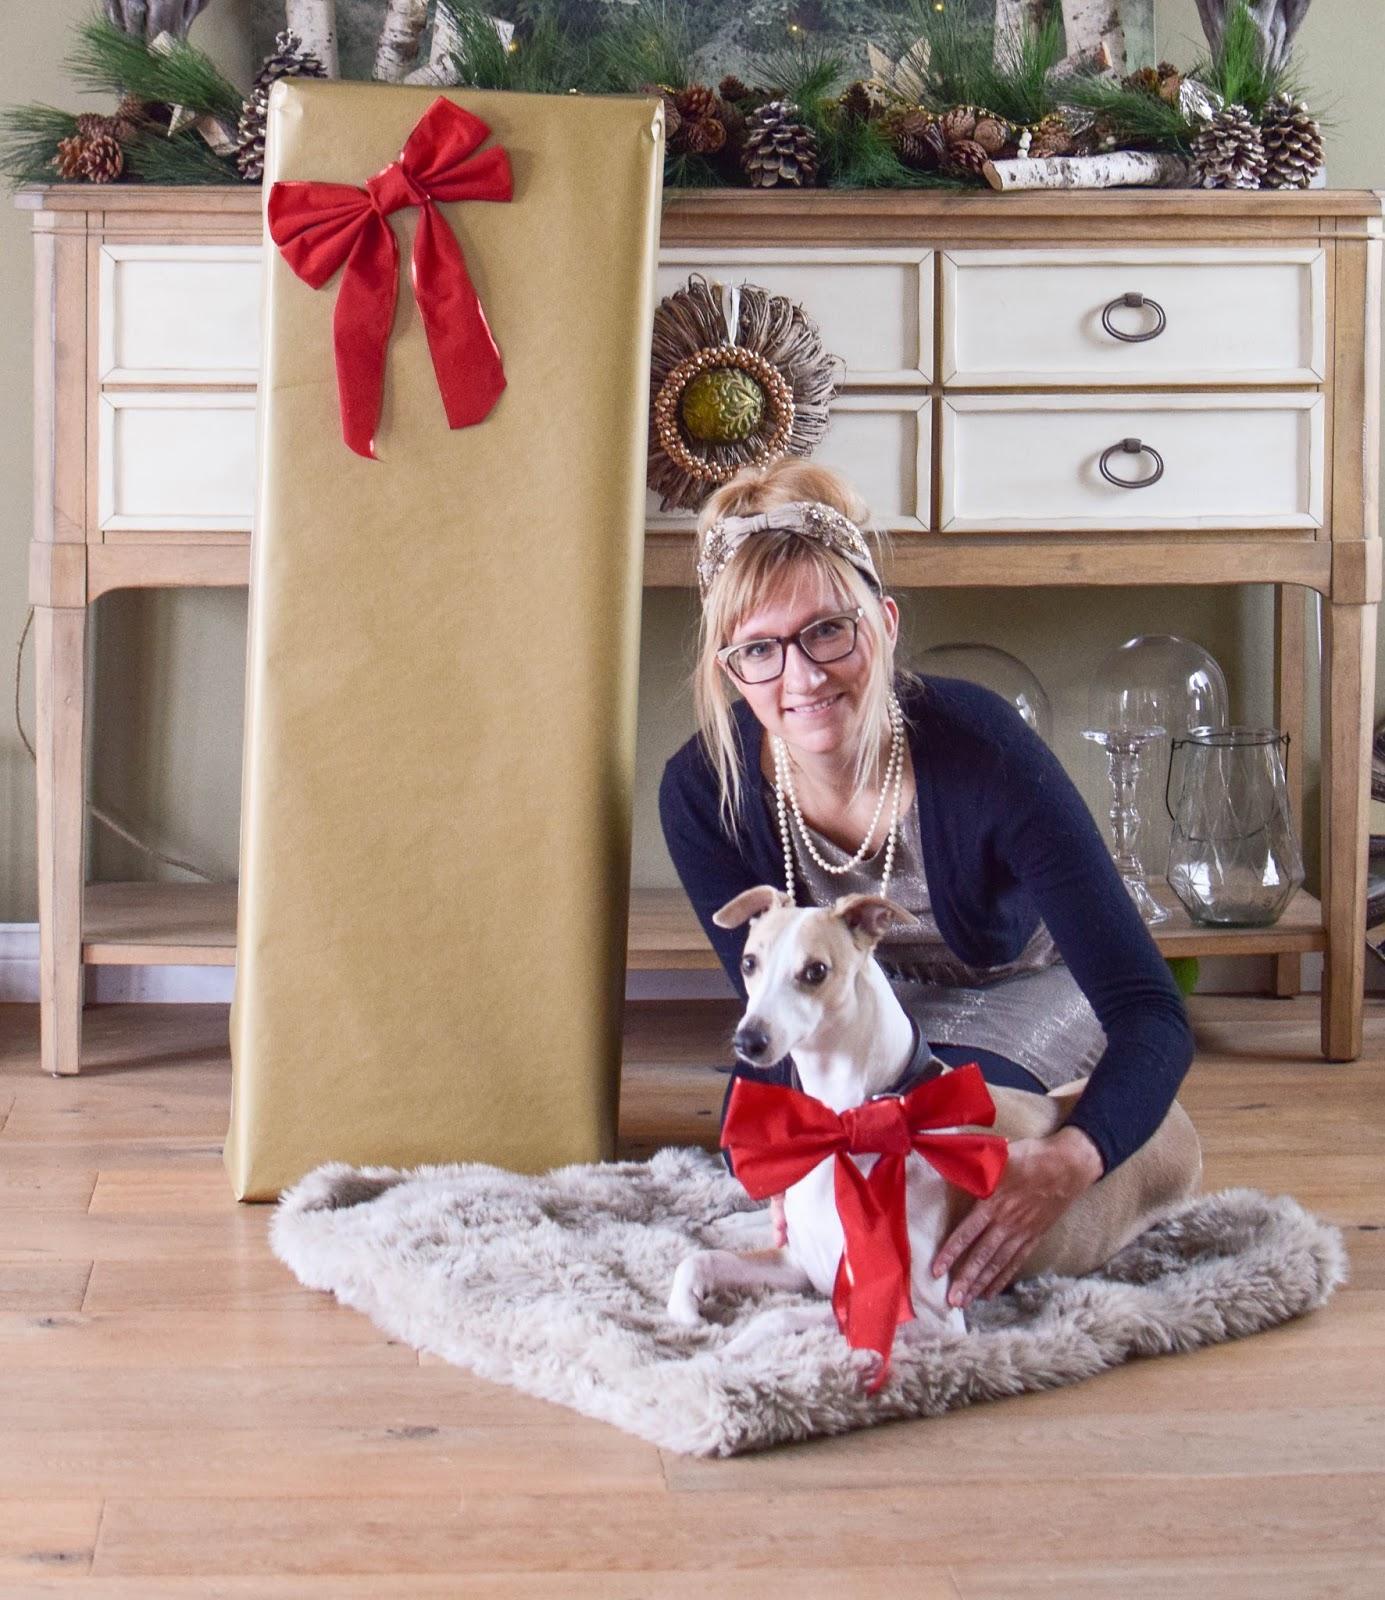 Weihnachten: Geschenke selbermachen oder kaufen? Ideen und Tipps für den Geschenkekauf und kostenfreie Rückgabe